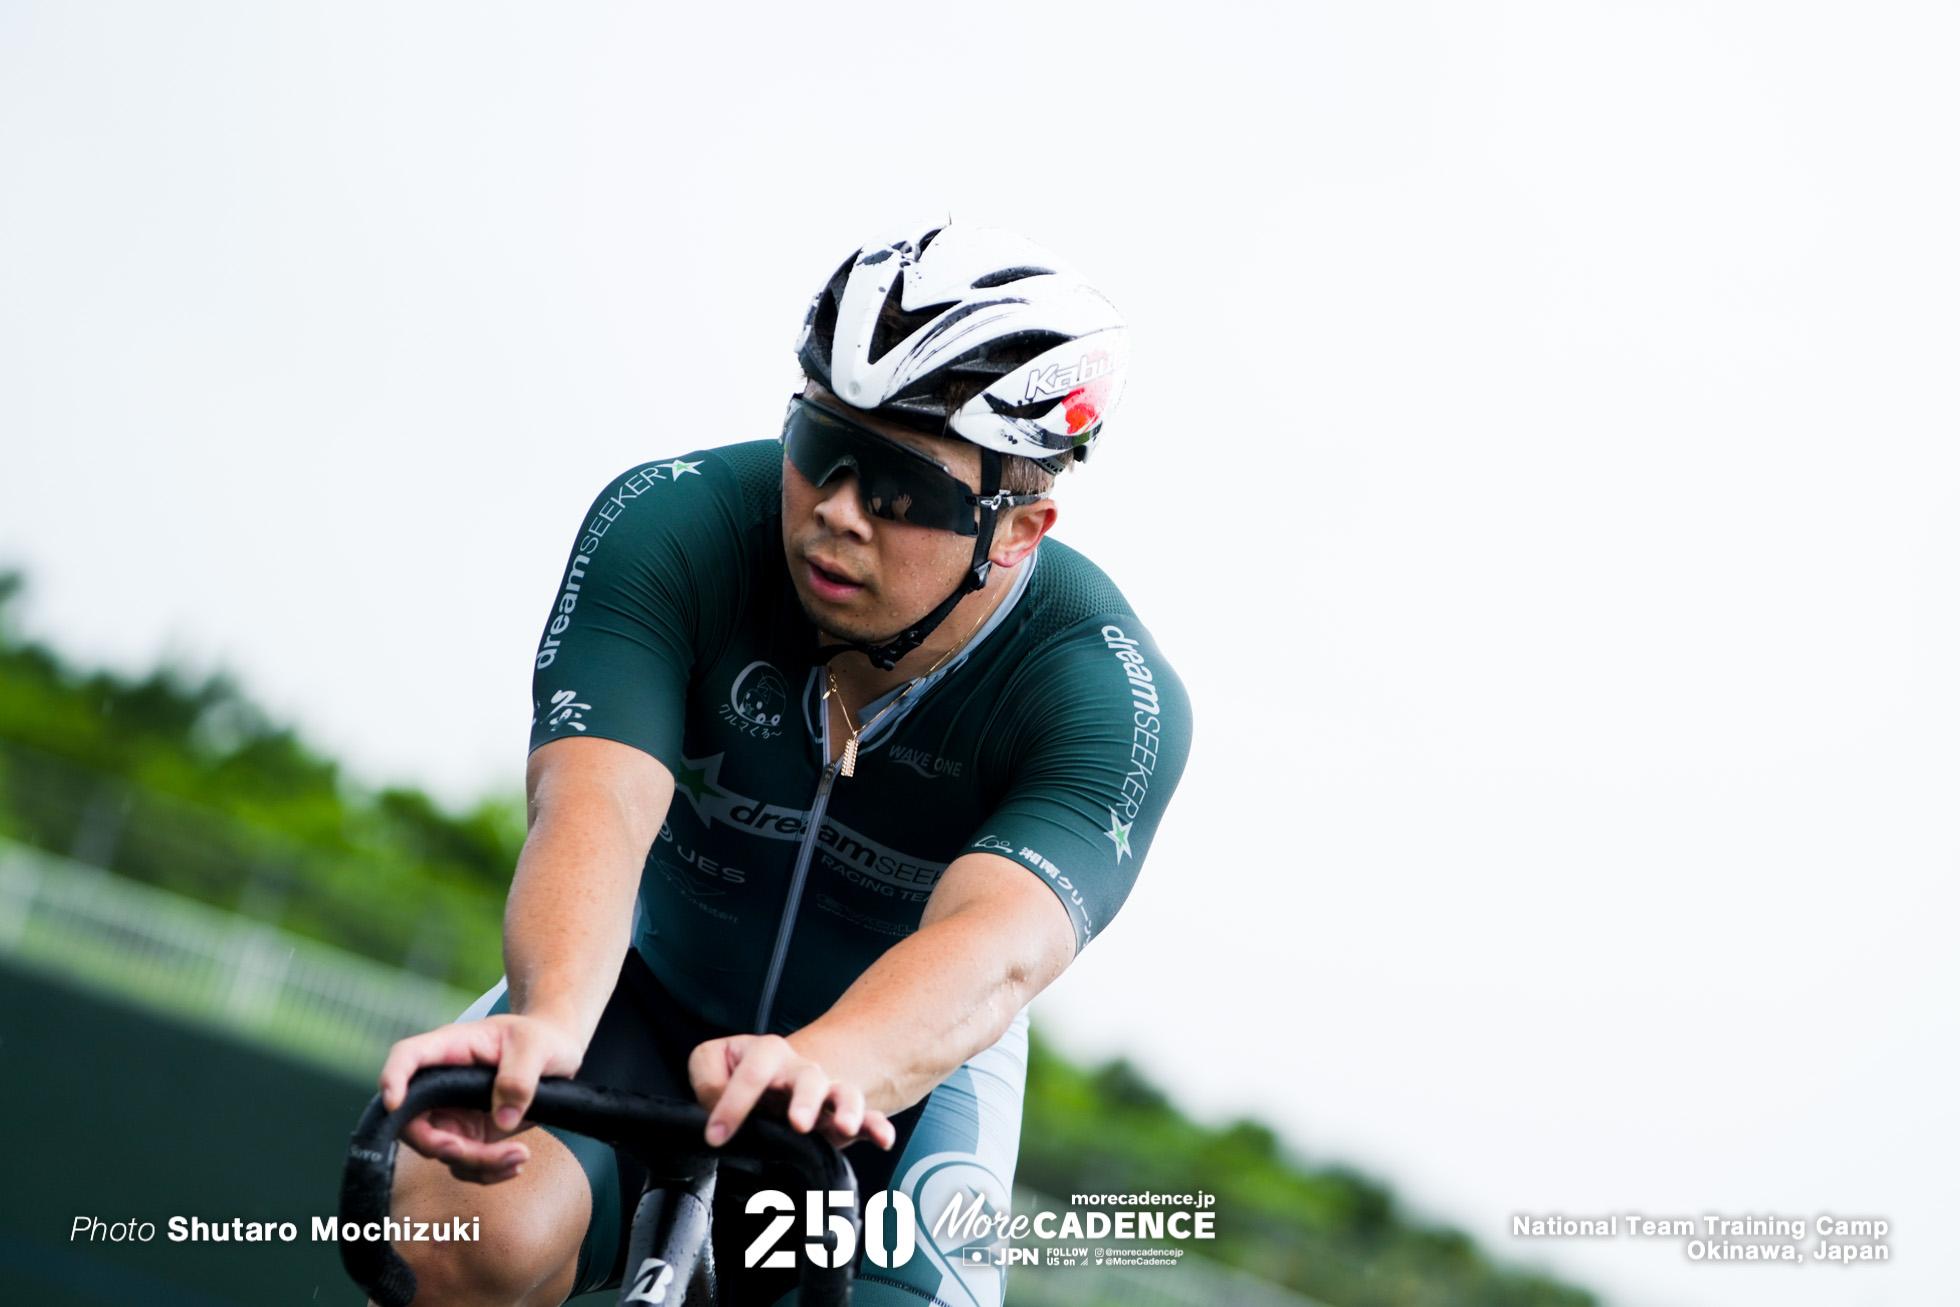 深谷知広 東京オリンピック 自転車トラック競技日本代表